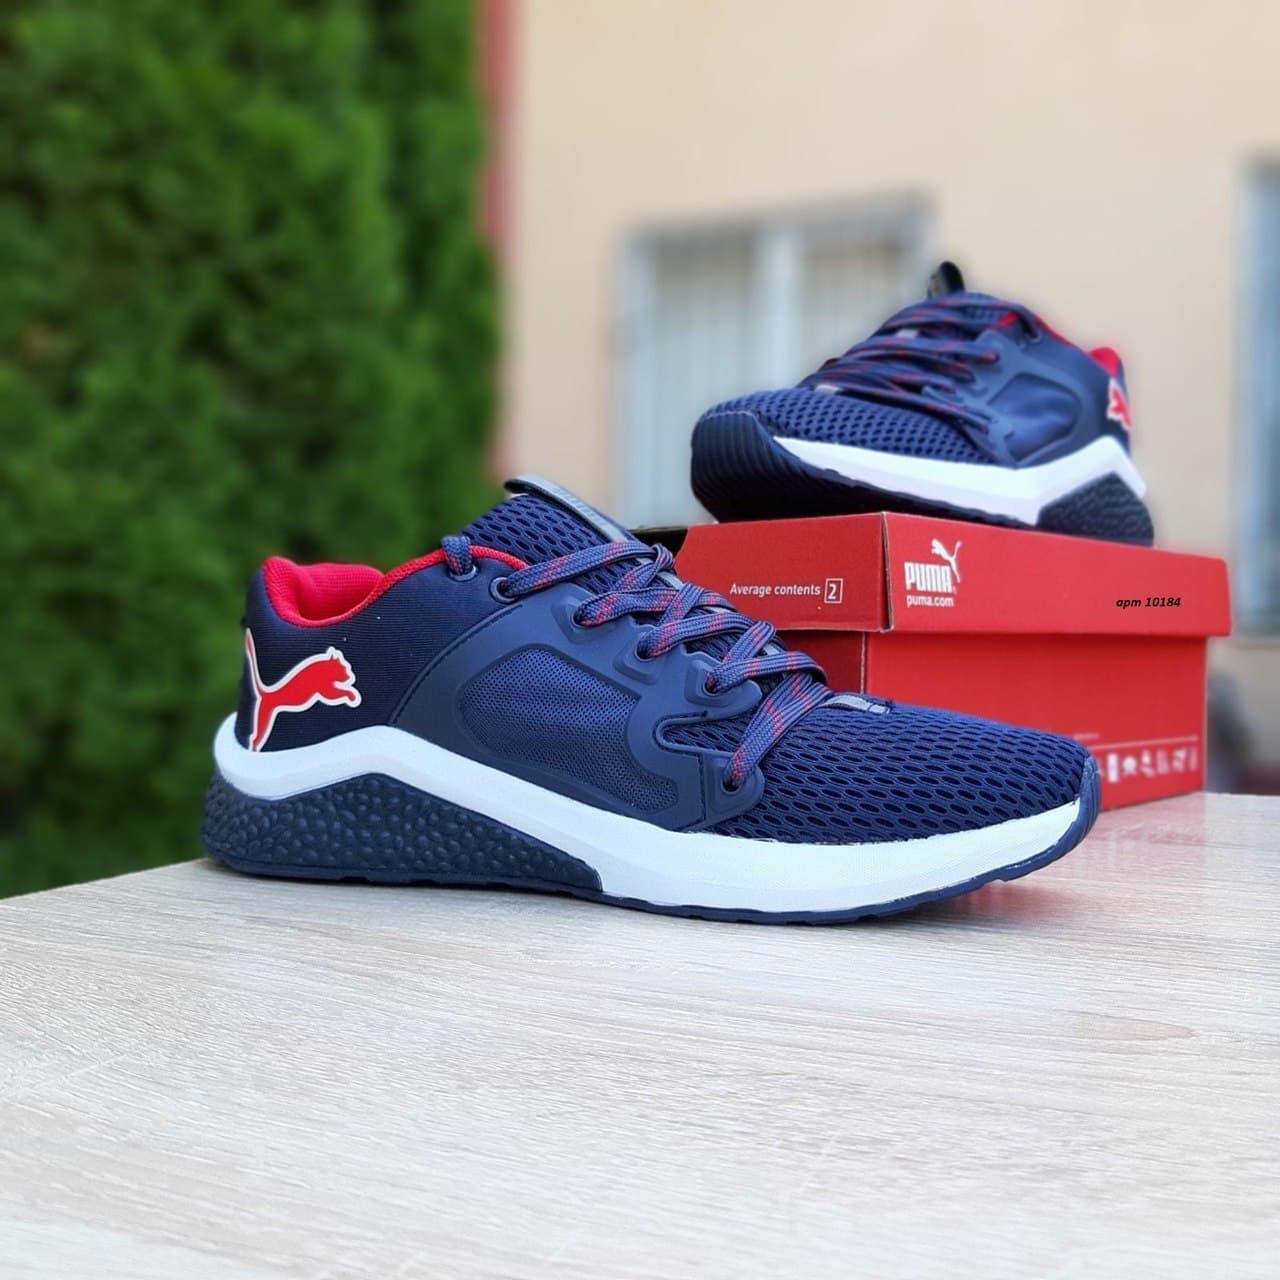 Чоловічі кросівки Puma Hybrid Racer (сині з червоним) О10184 весняна спортивне взуття